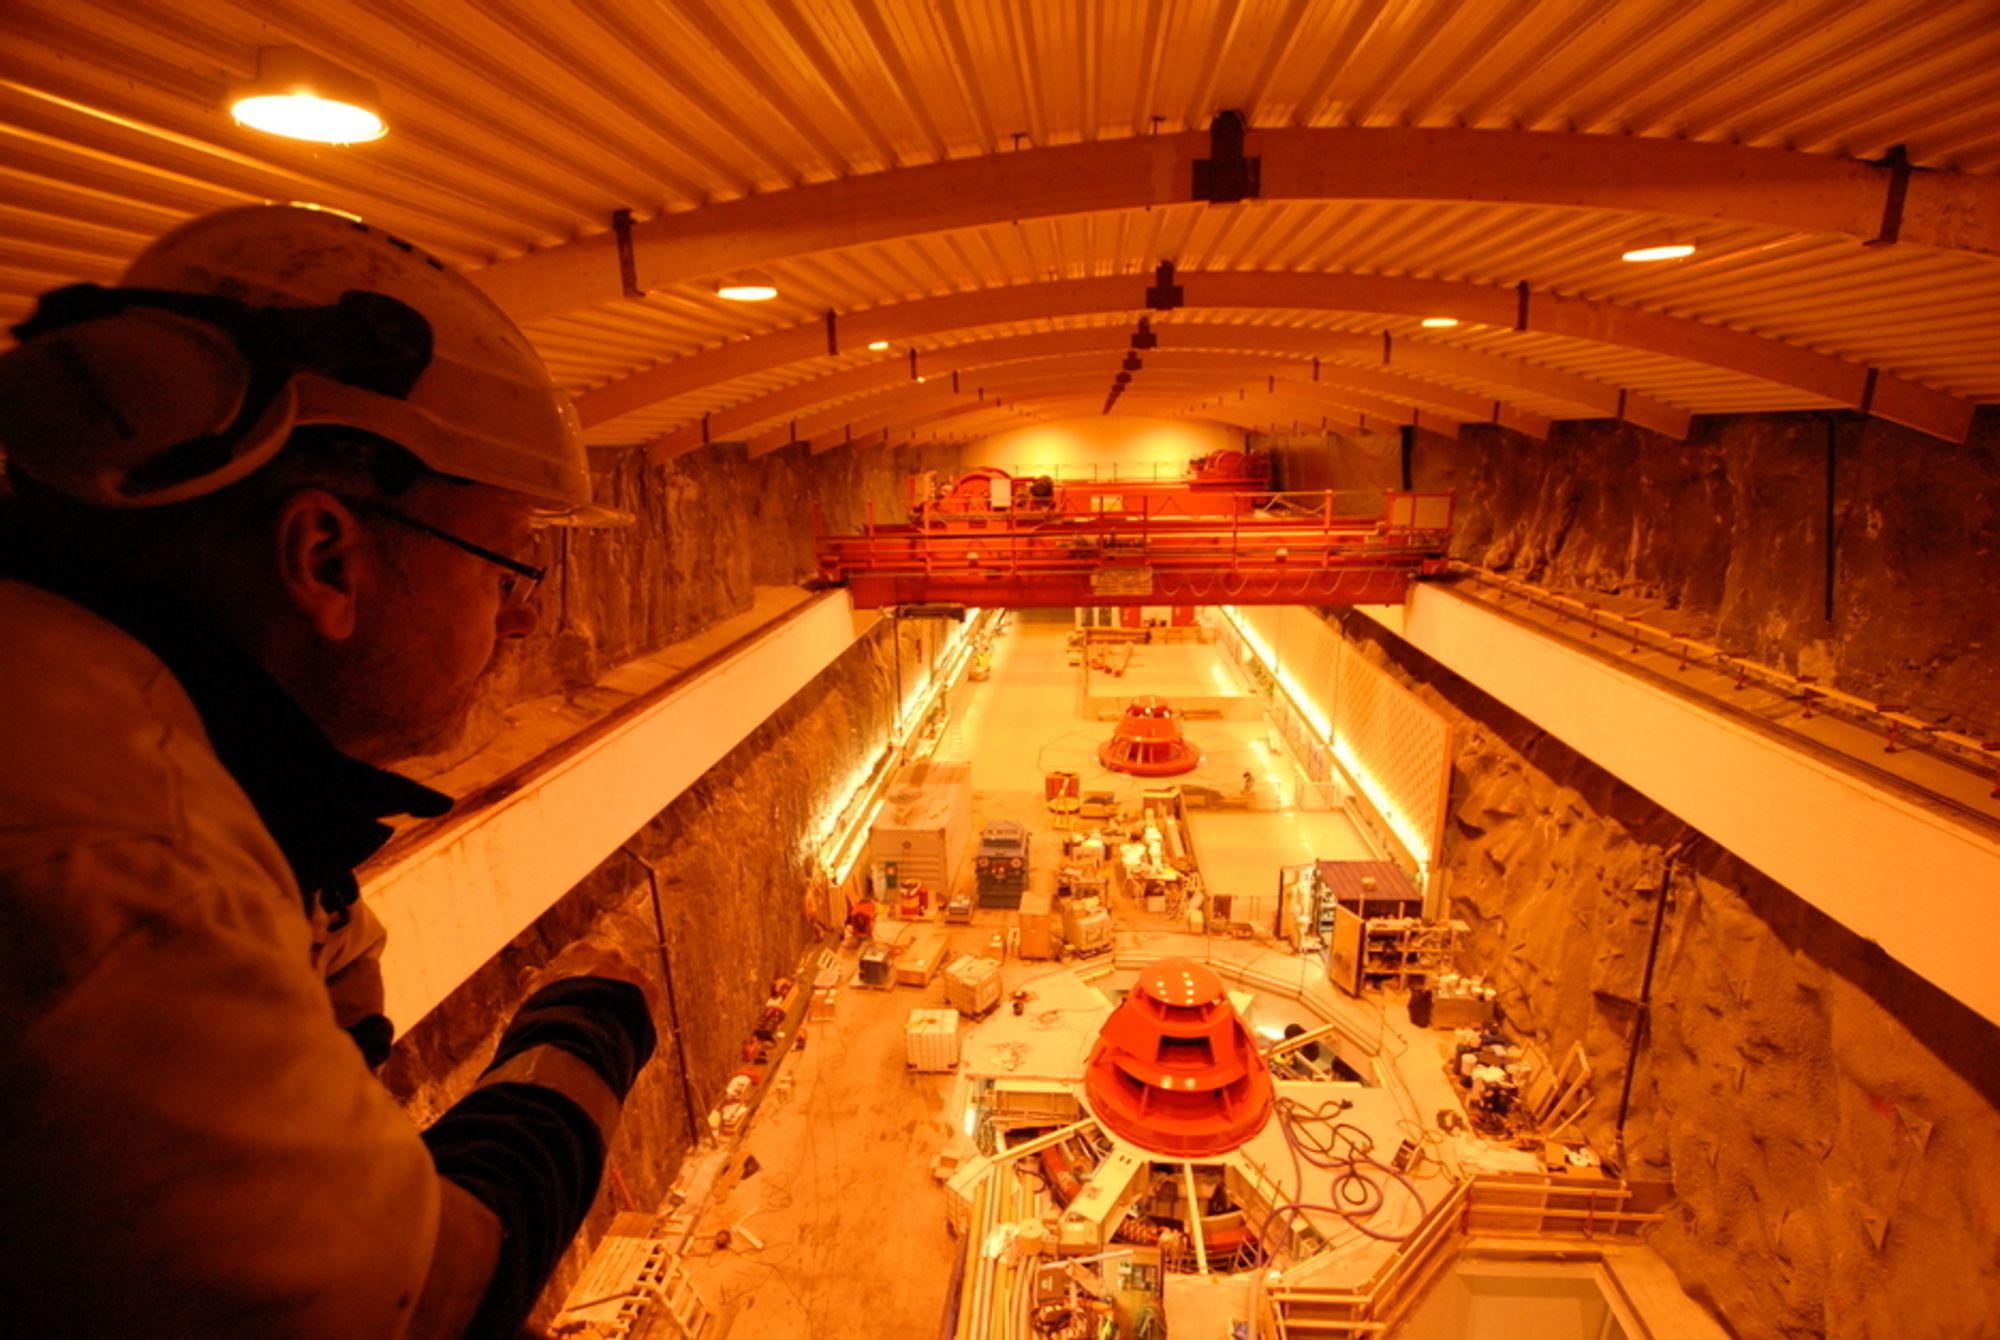 SNART FERDIG: Kraftverksjef Karl Svein Thorrud skuer utover maskinsalen i Svartisen kraftverk, hvor en ny turbin skal testkjøres.